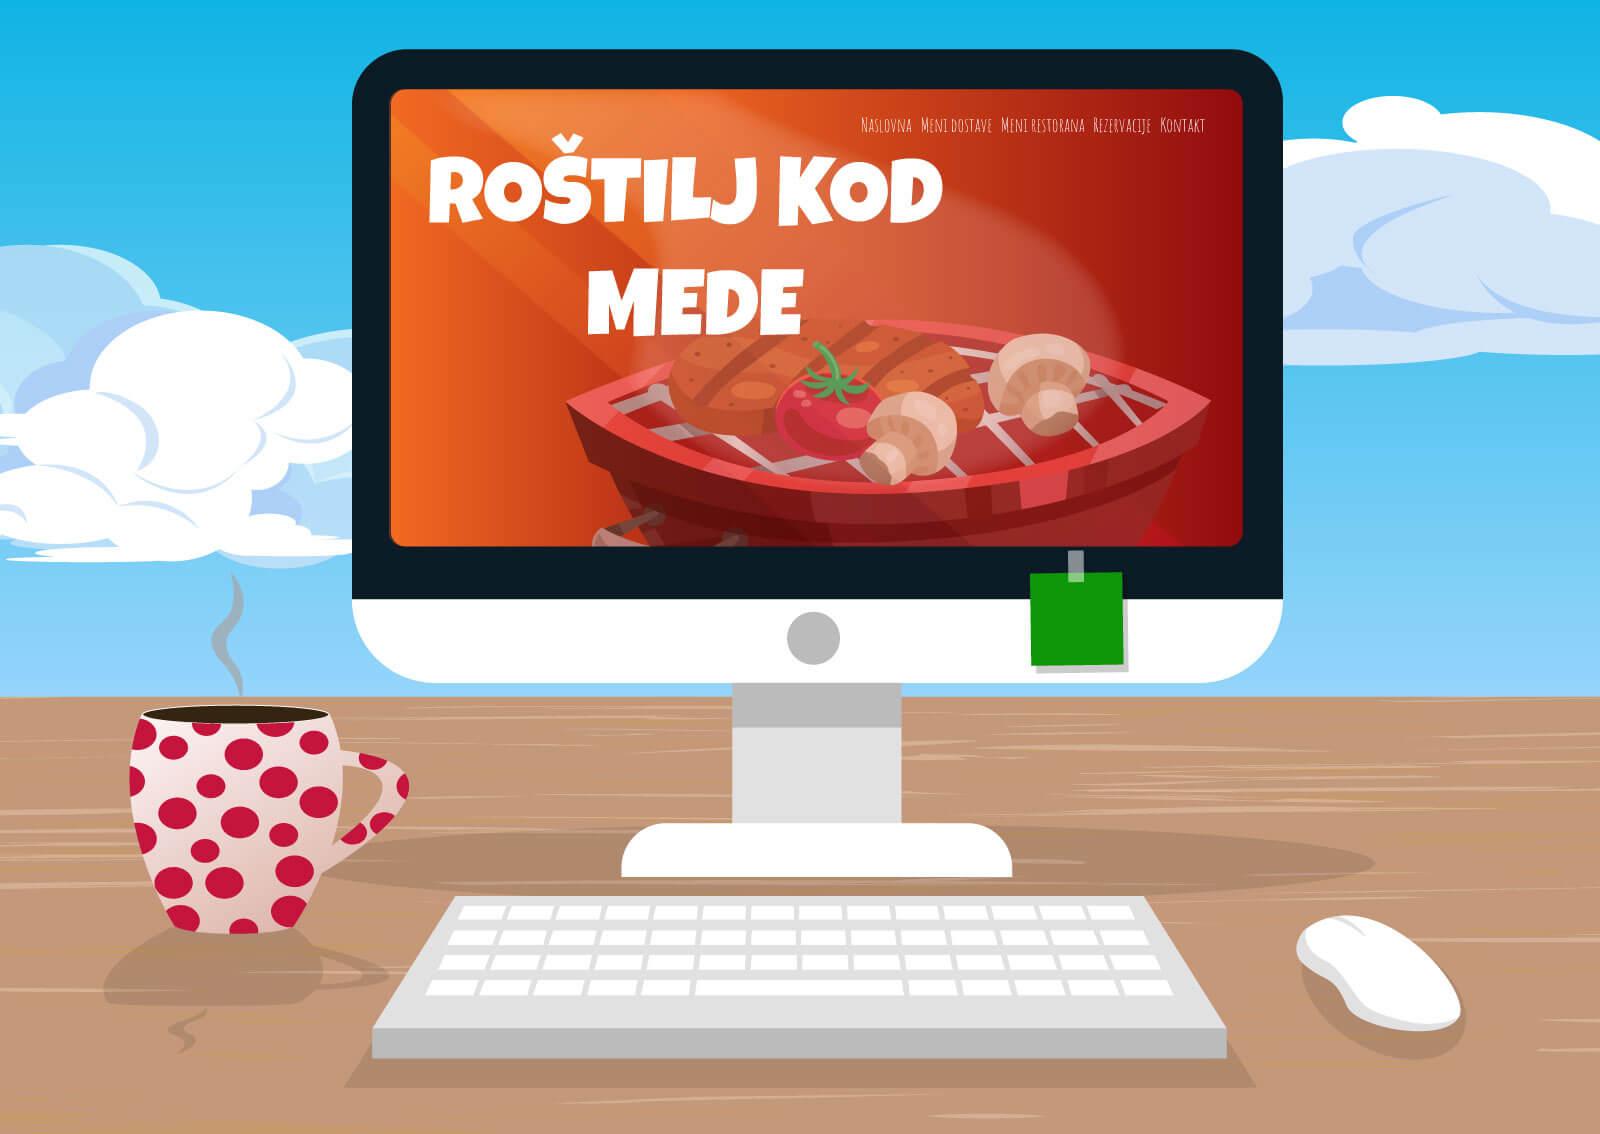 """Ilustracija računara na kojem je otvoren prezentacioni web sajt sa natpisom """"Roštilj kod mede"""" i menijem iznad."""